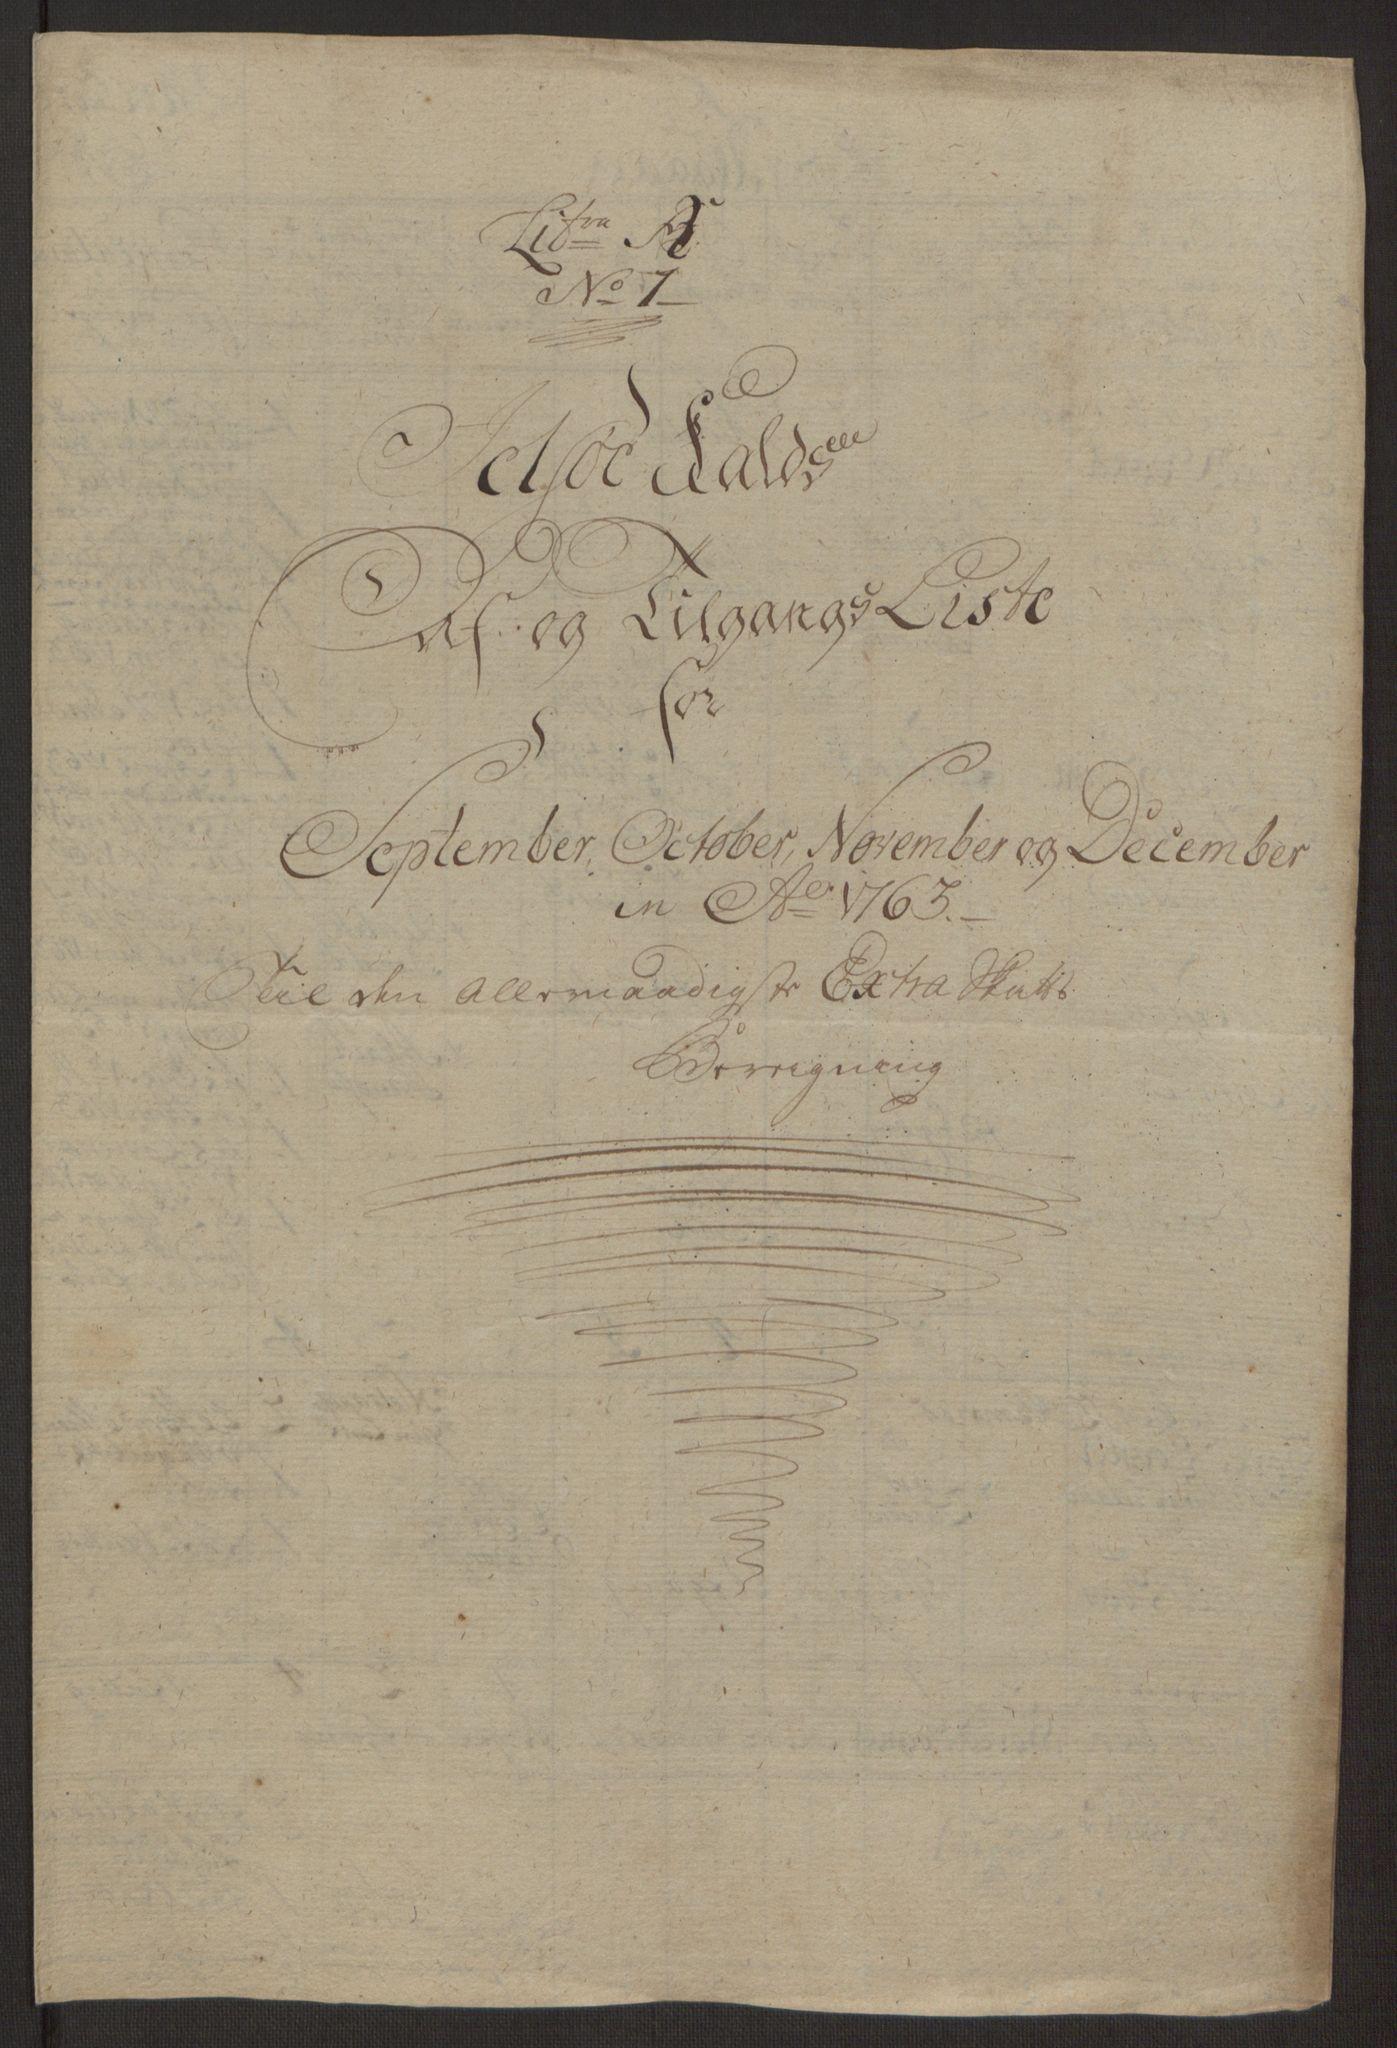 RA, Rentekammeret inntil 1814, Realistisk ordnet avdeling, Ol/L0016a: [Gg 10]: Ekstraskatten, 23.09.1762. Ryfylke, 1762-1768, s. 9